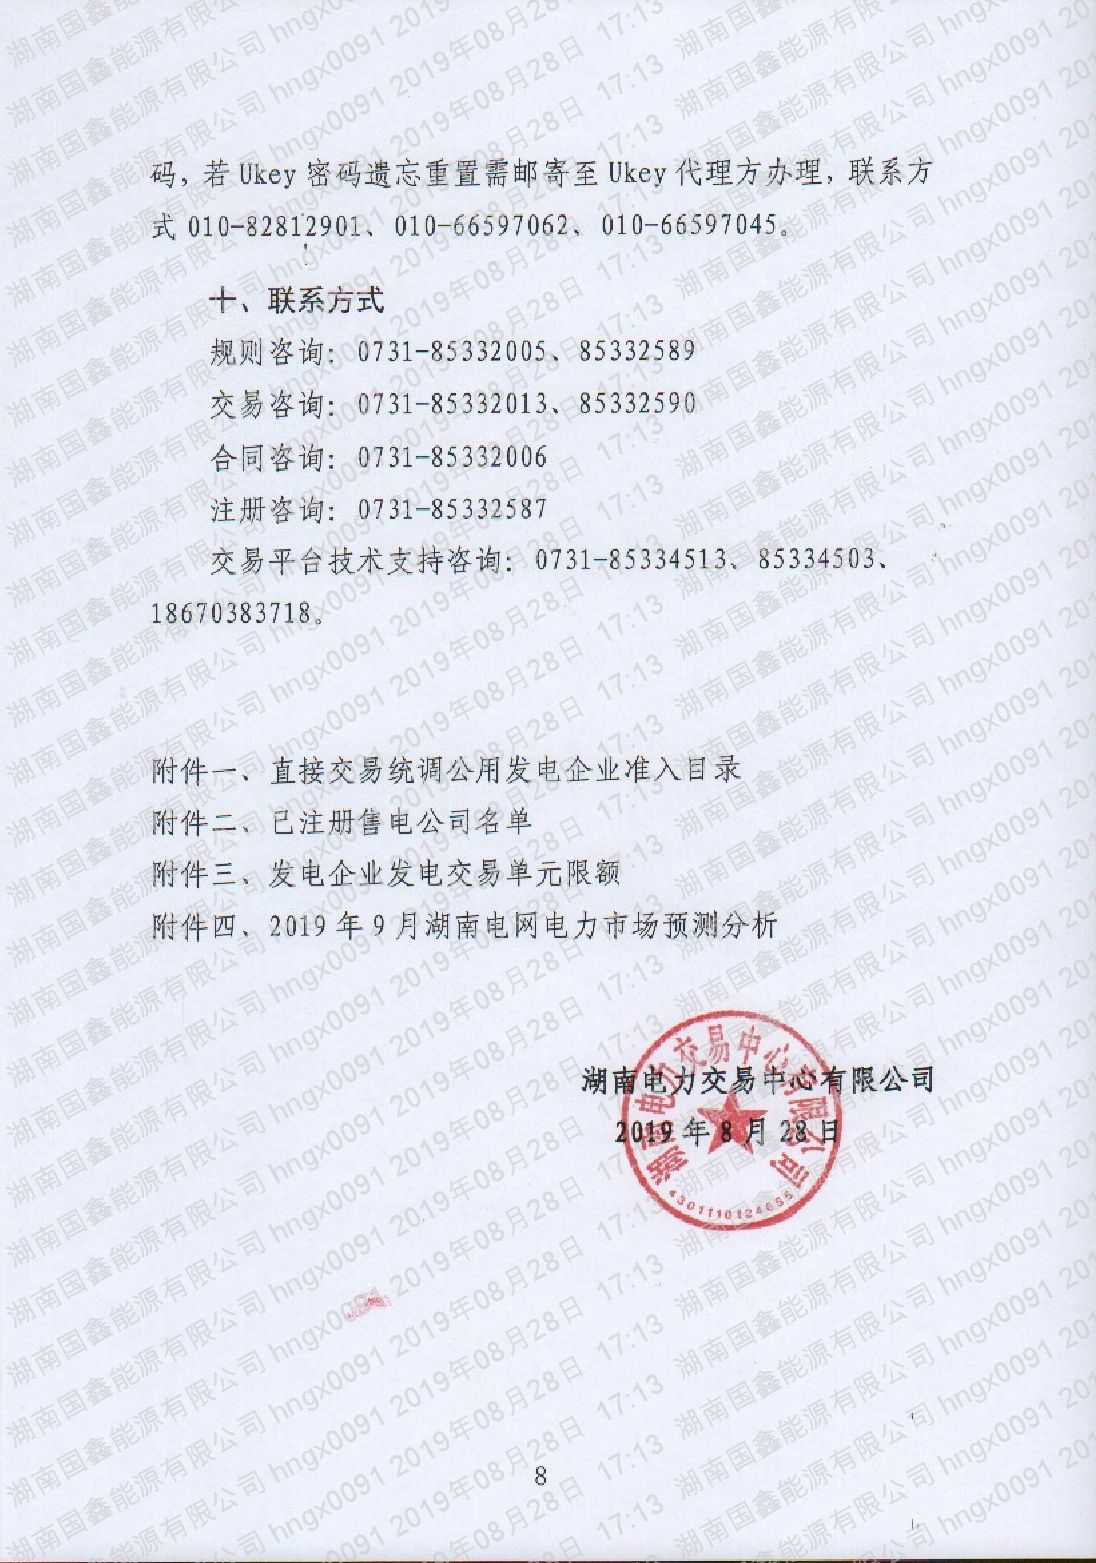 2019年第20號交易公告(9月月度交易).pdf_page_8_compressed.jpg